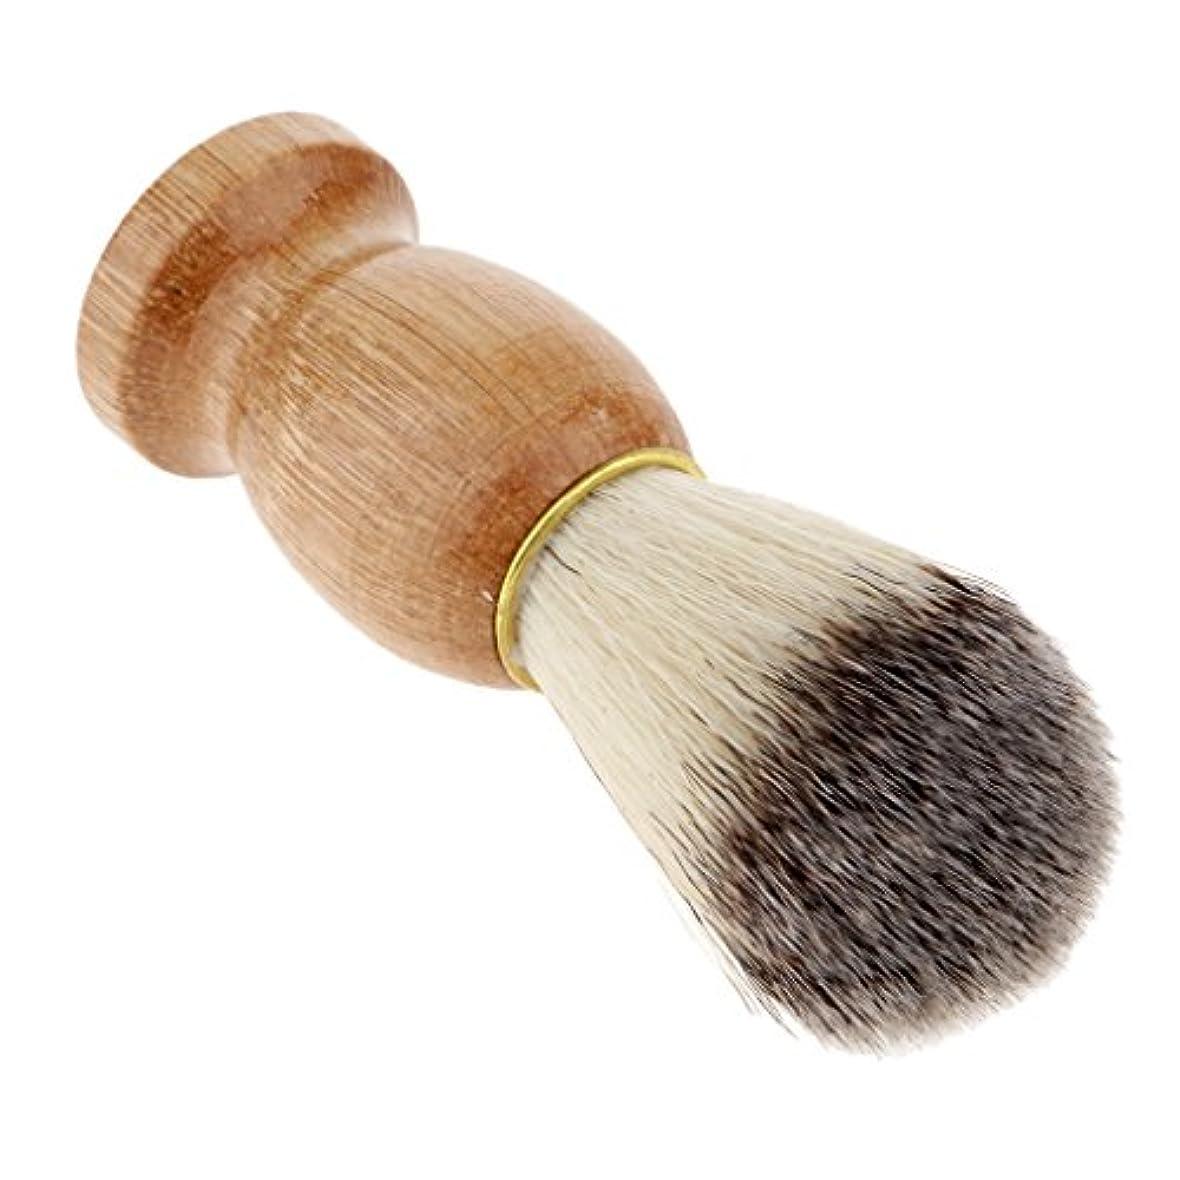 アテンダント賢い昆虫を見るFenteer シェービングブラシ 木製ハンドル 男性 ひげ剃りブラシ ひげ クレンジング